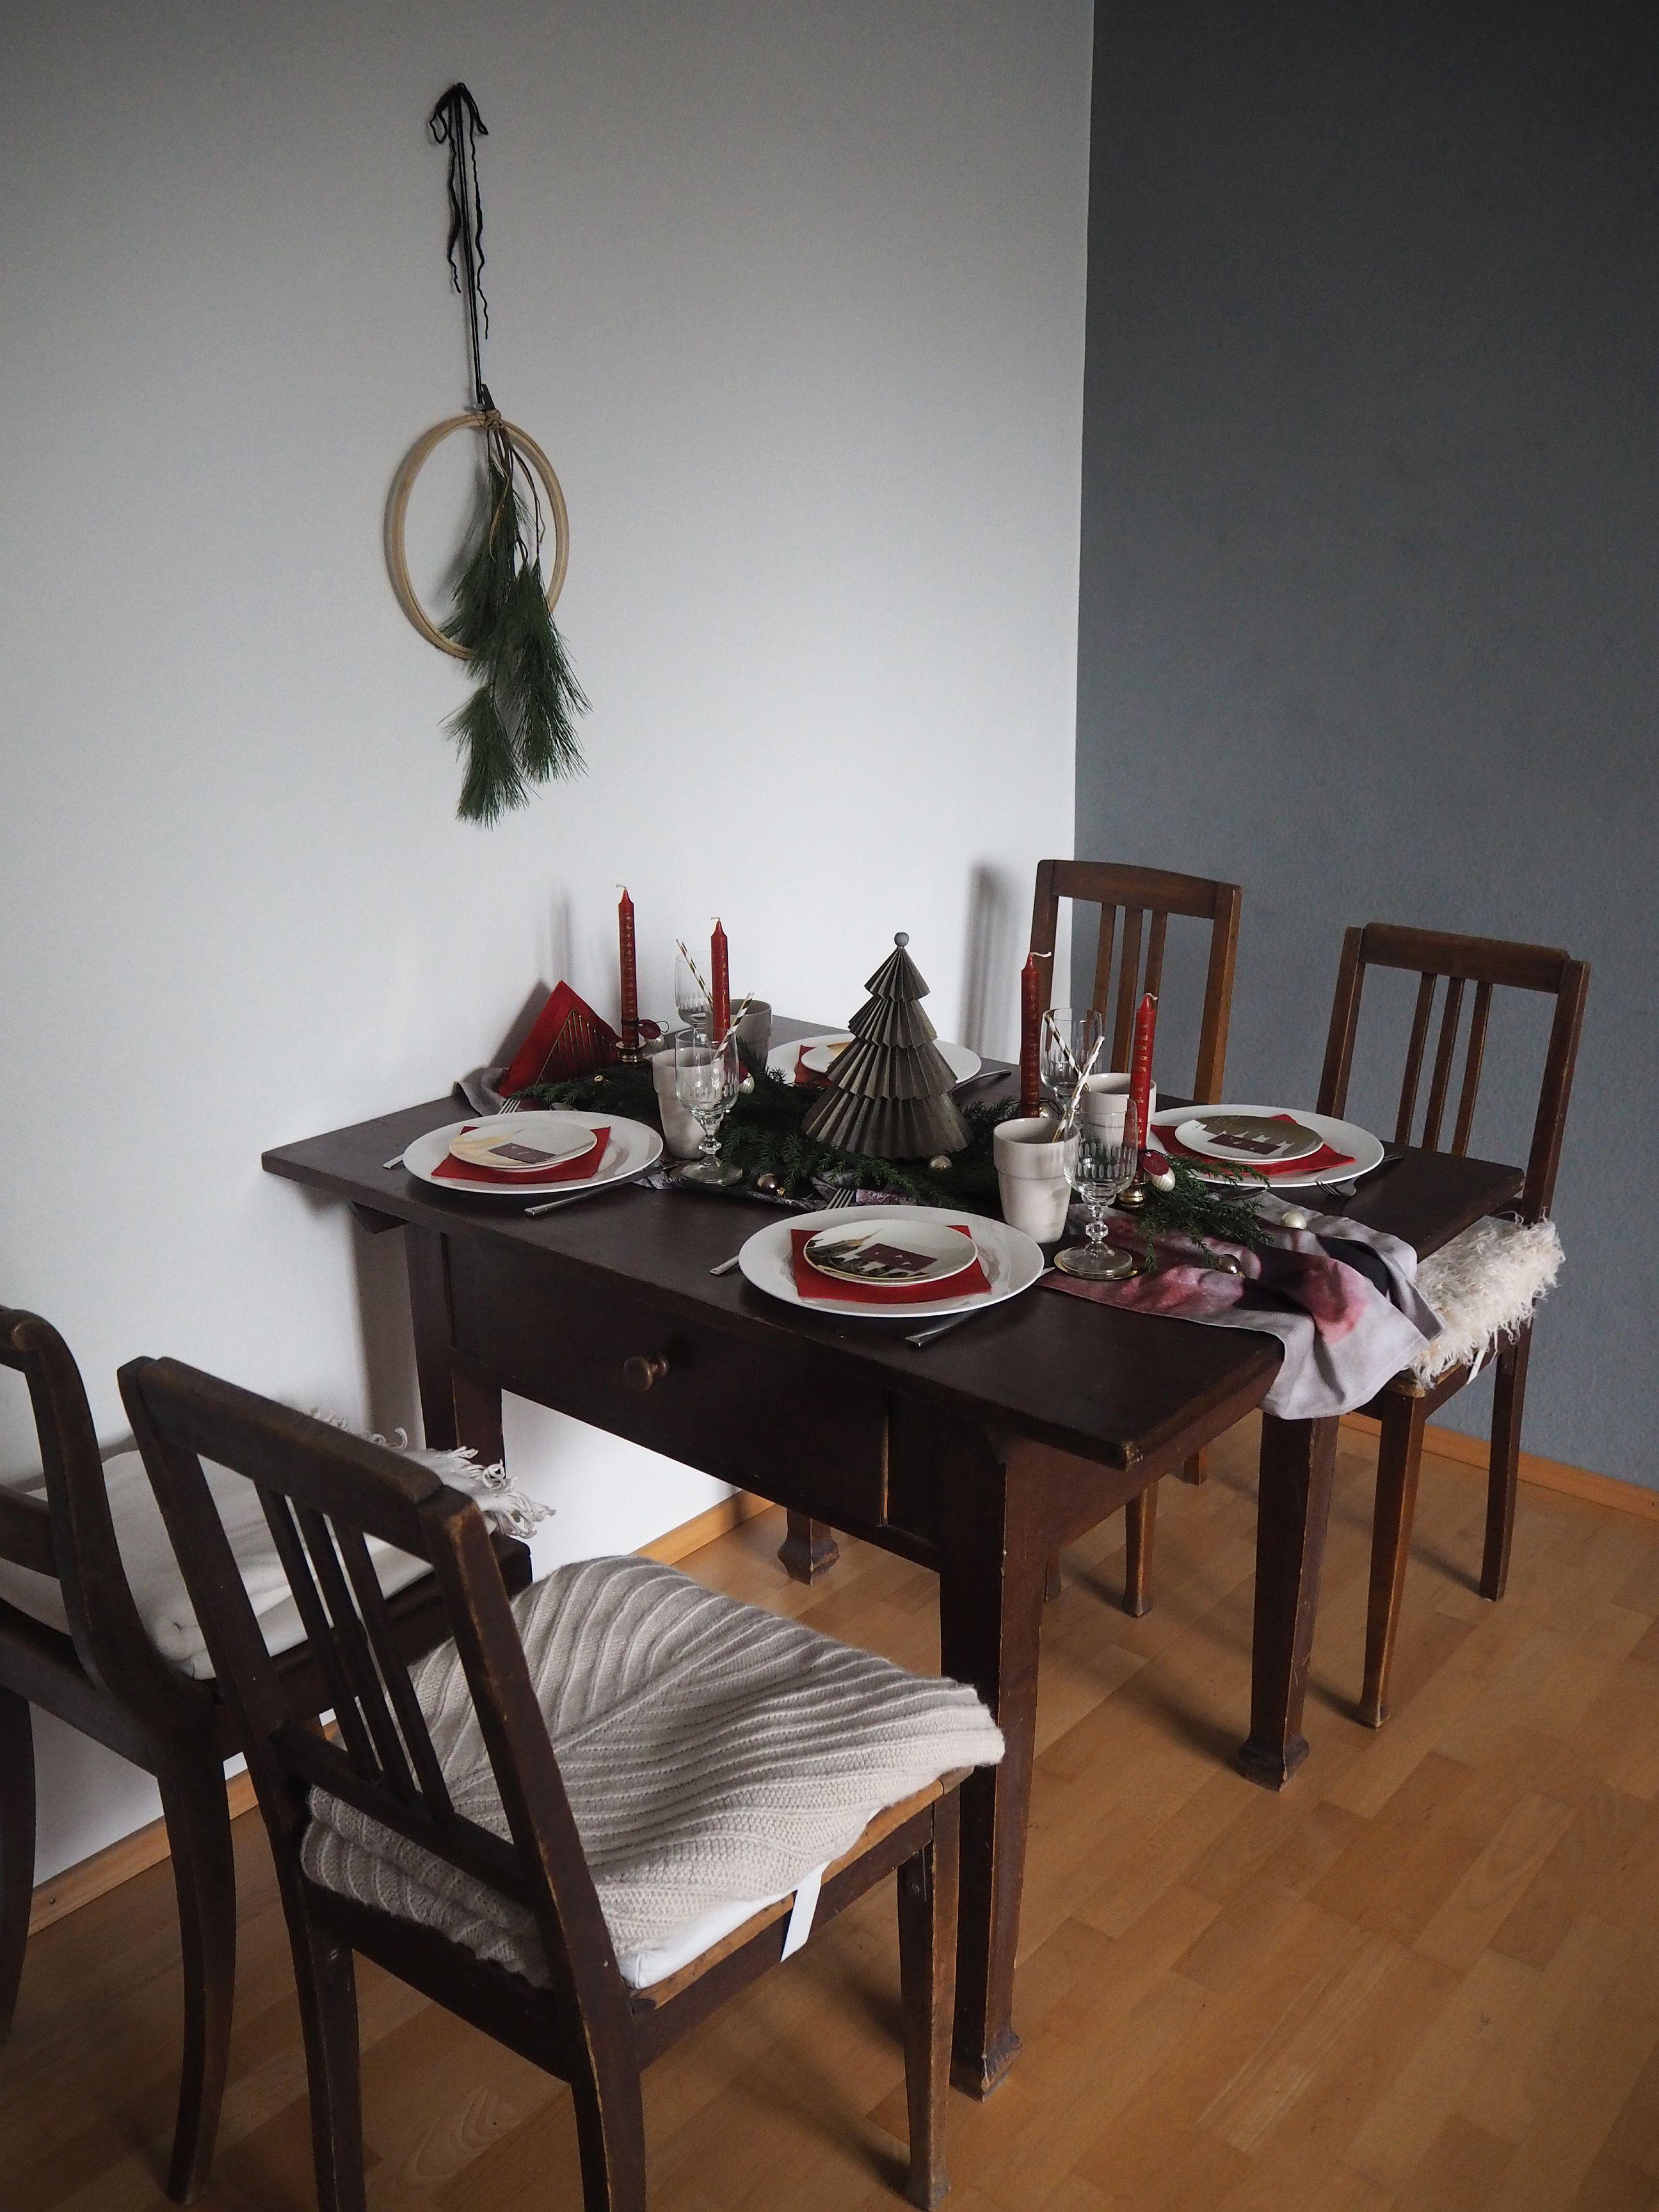 2017-12-skoen-och-kreativ-interior-tischdeko-klassisch-rot-weihnachtstisch (2)